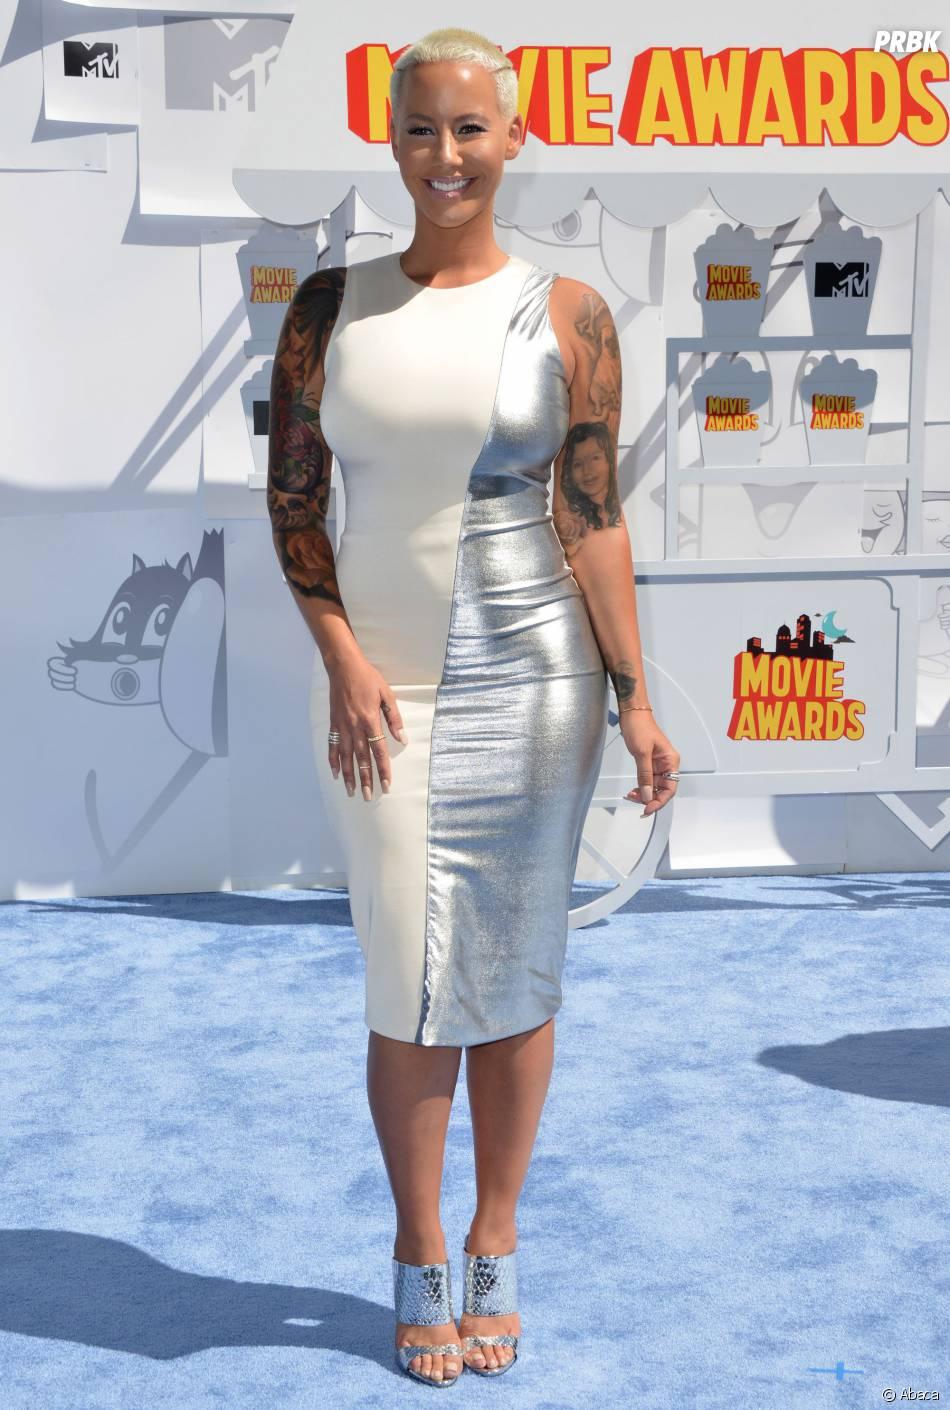 Amber Rose sur le tapis rouge des MTV Movie Awards 2015 à Los Angeles, le 12 avril 2015